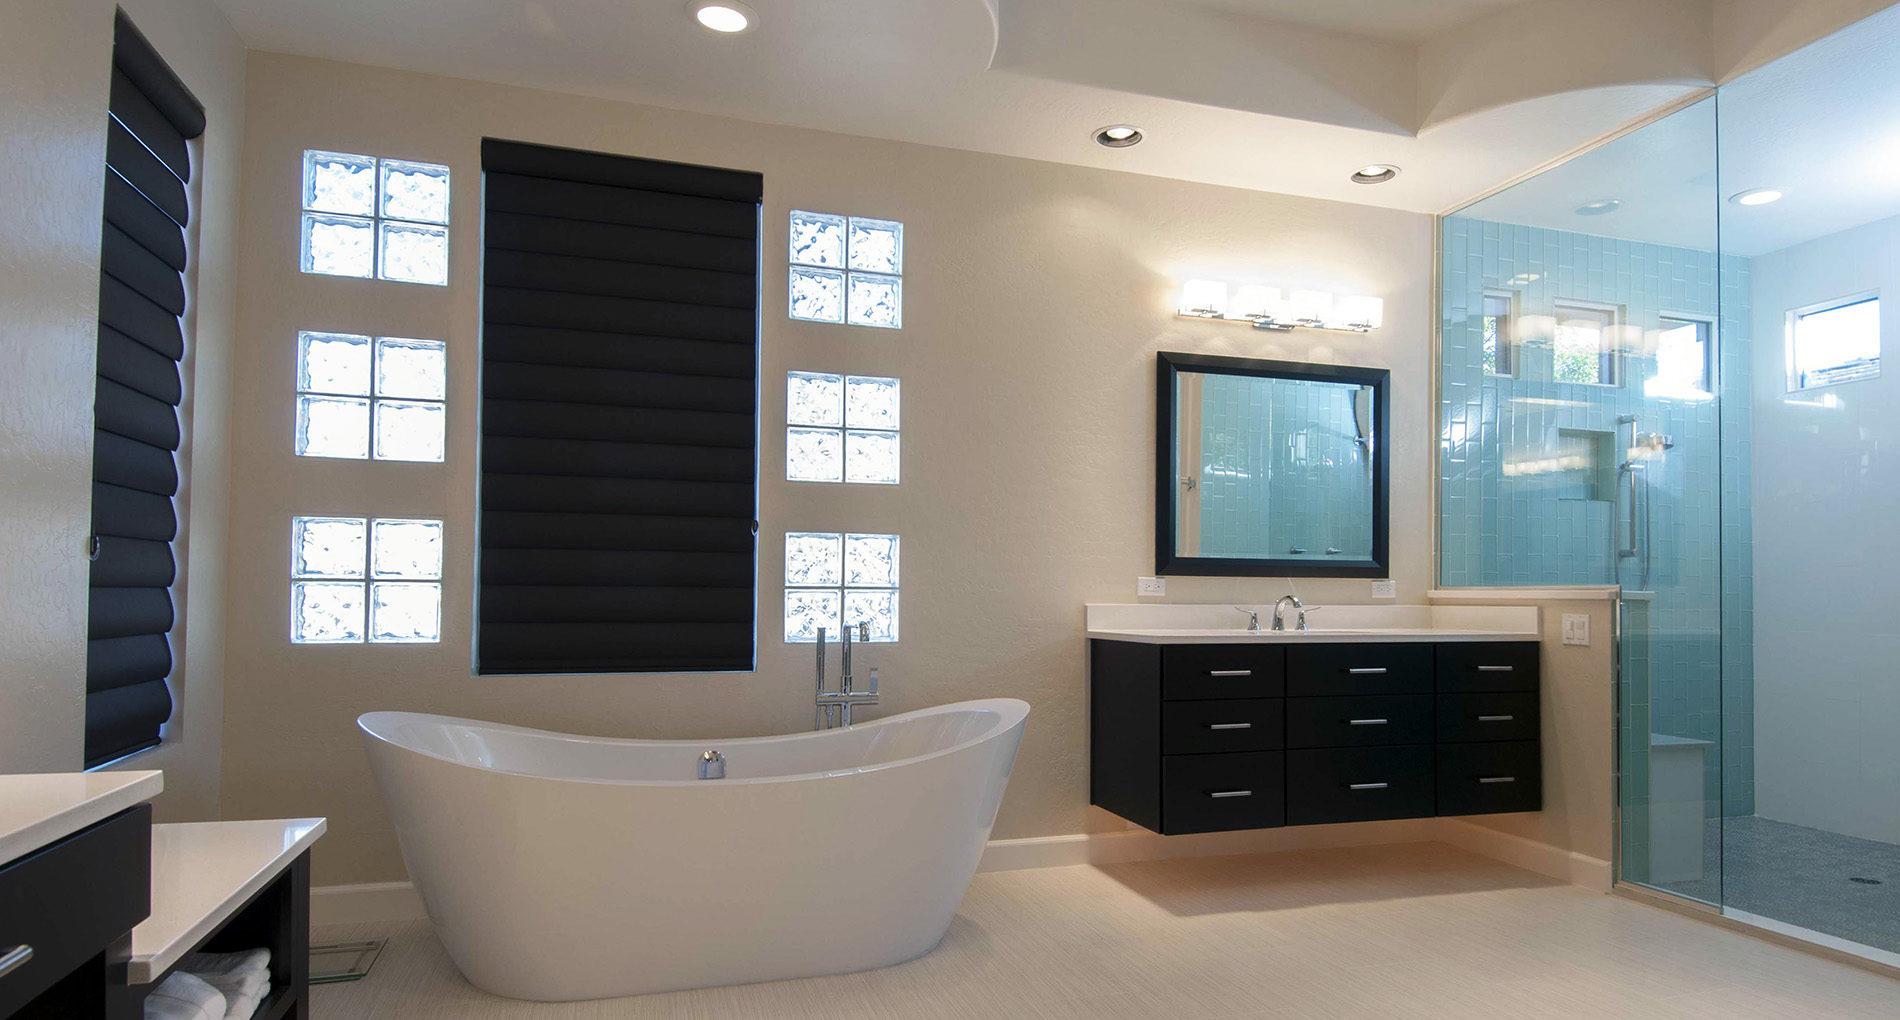 Bathroom Remodeling Design In Scottsdale Alair Homes Scottsdale - Bathroom remodel scottsdale